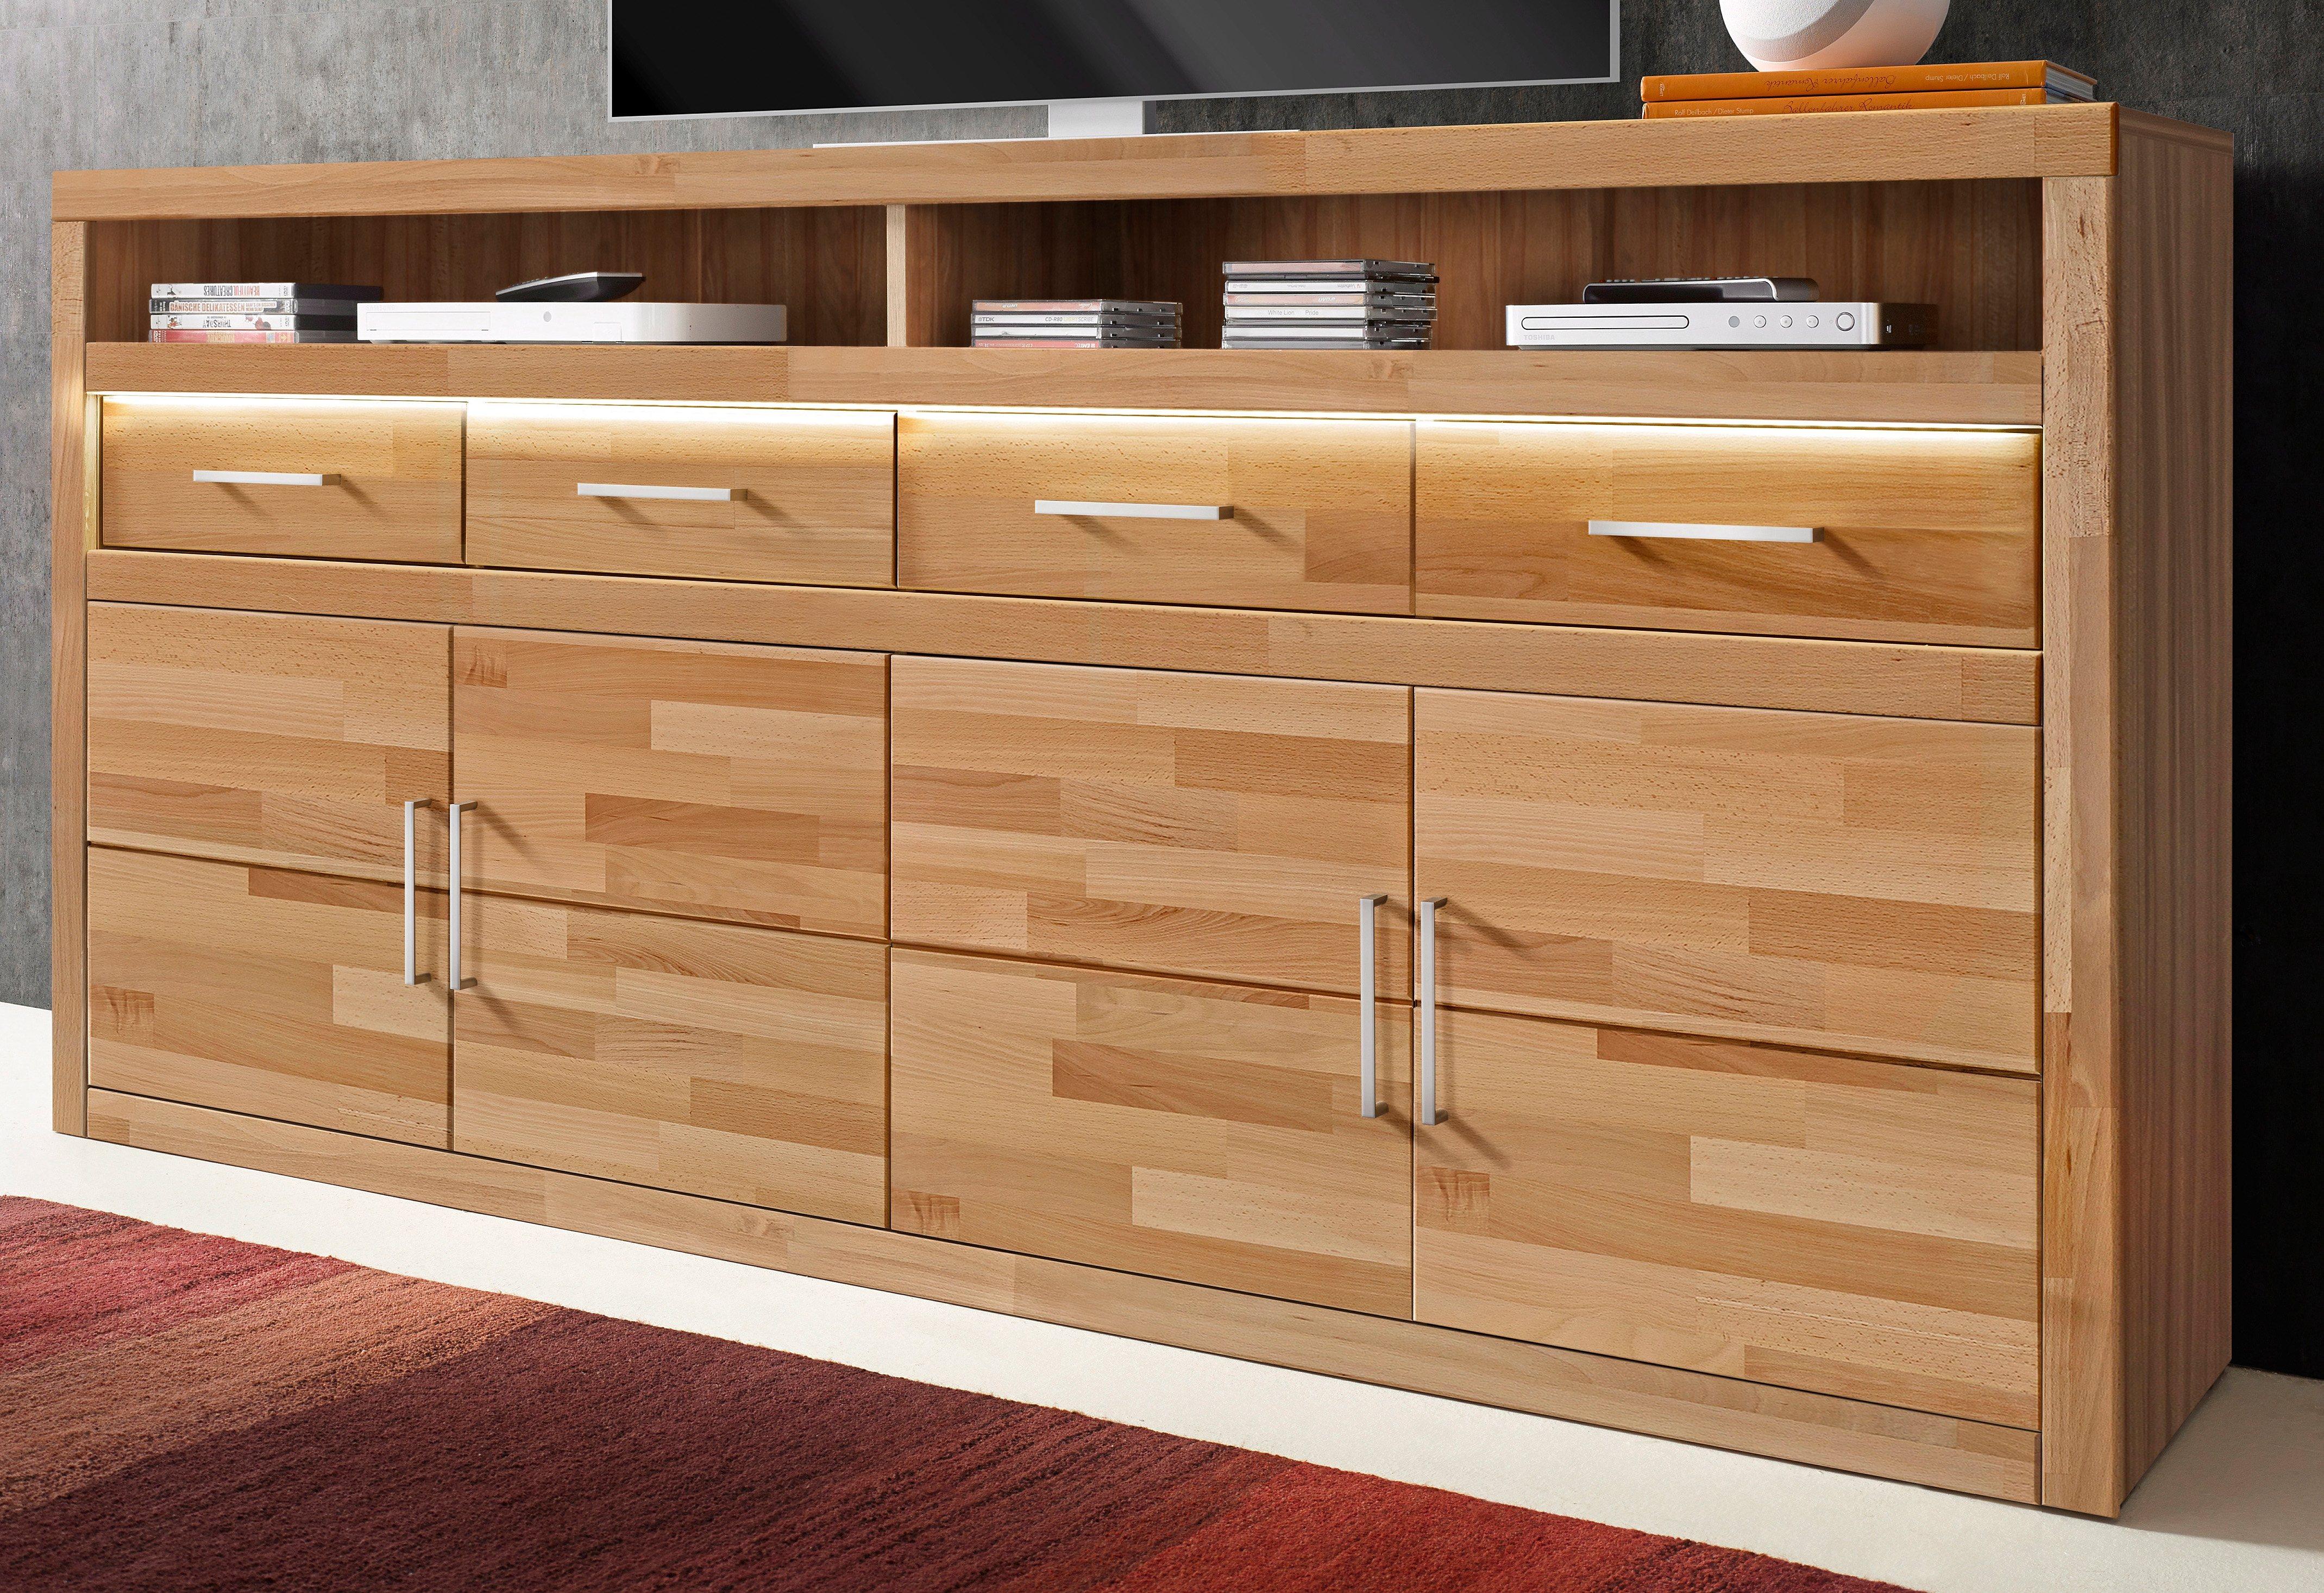 sideboard massivholz buche stunning lowboard massivholz design sideboard lowboard massivholz. Black Bedroom Furniture Sets. Home Design Ideas